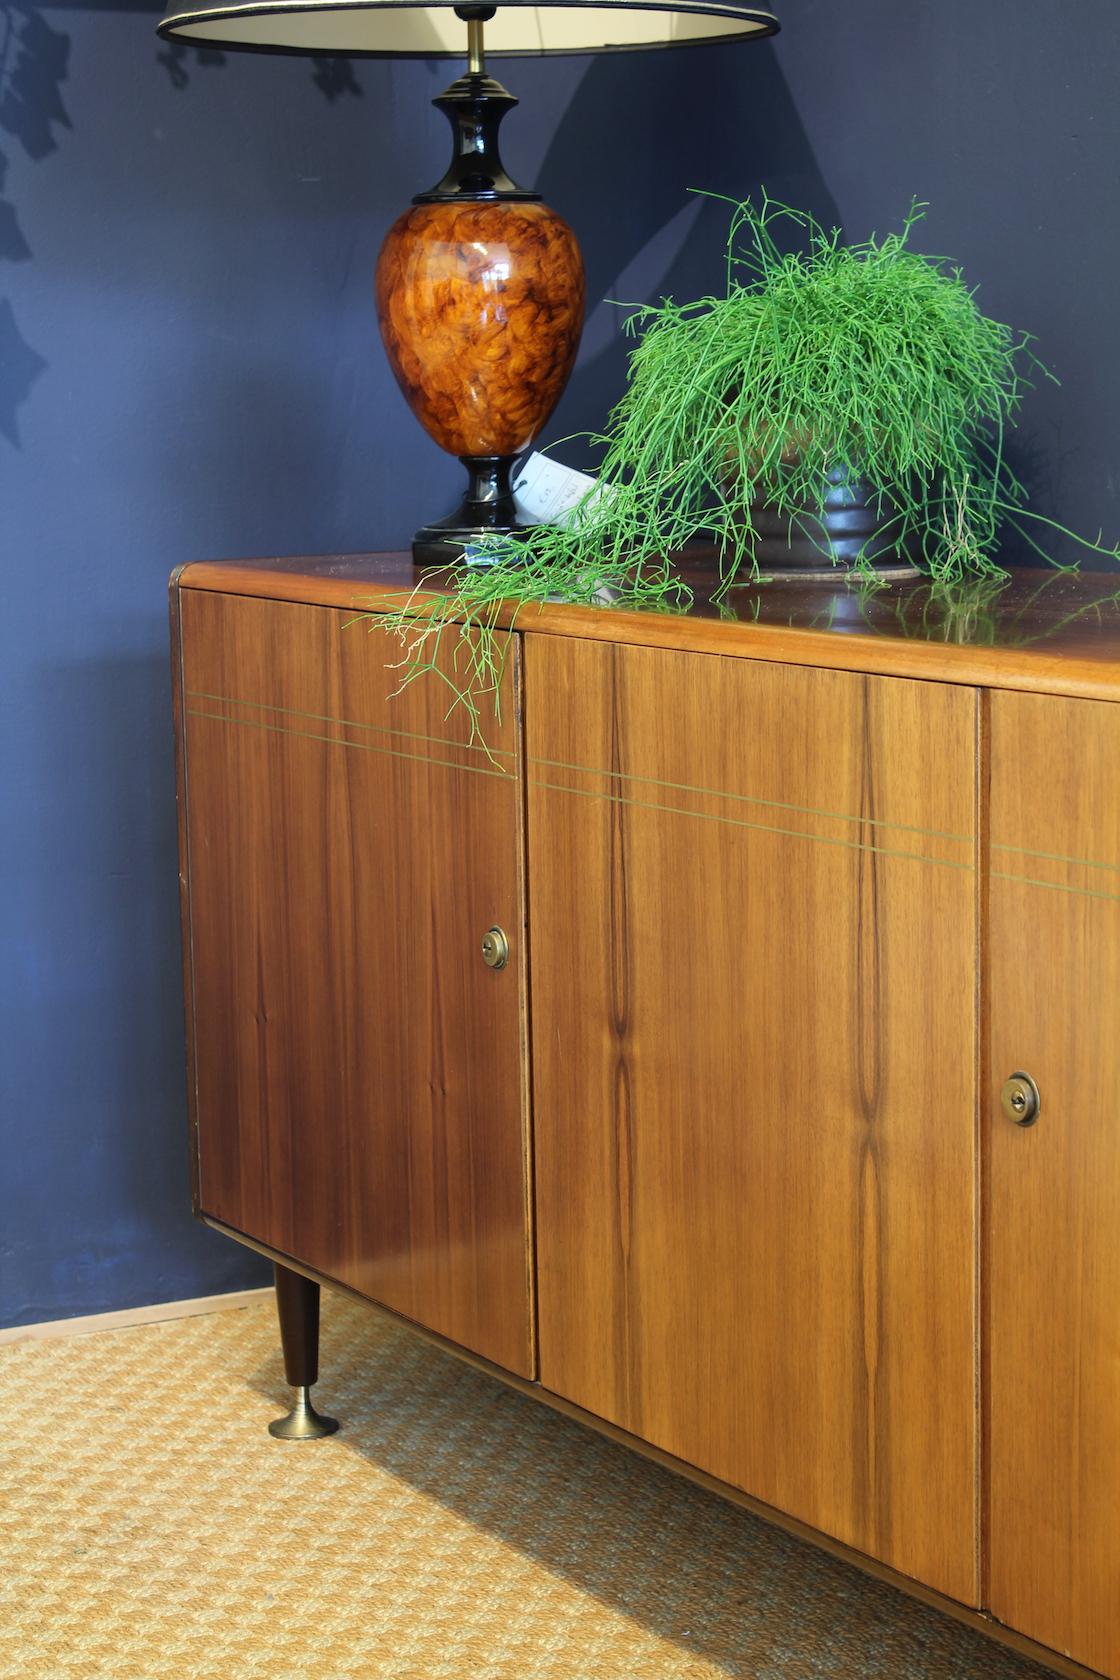 Wonderbaarlijk Vintage teak dressoir - Froufrou's NY-26